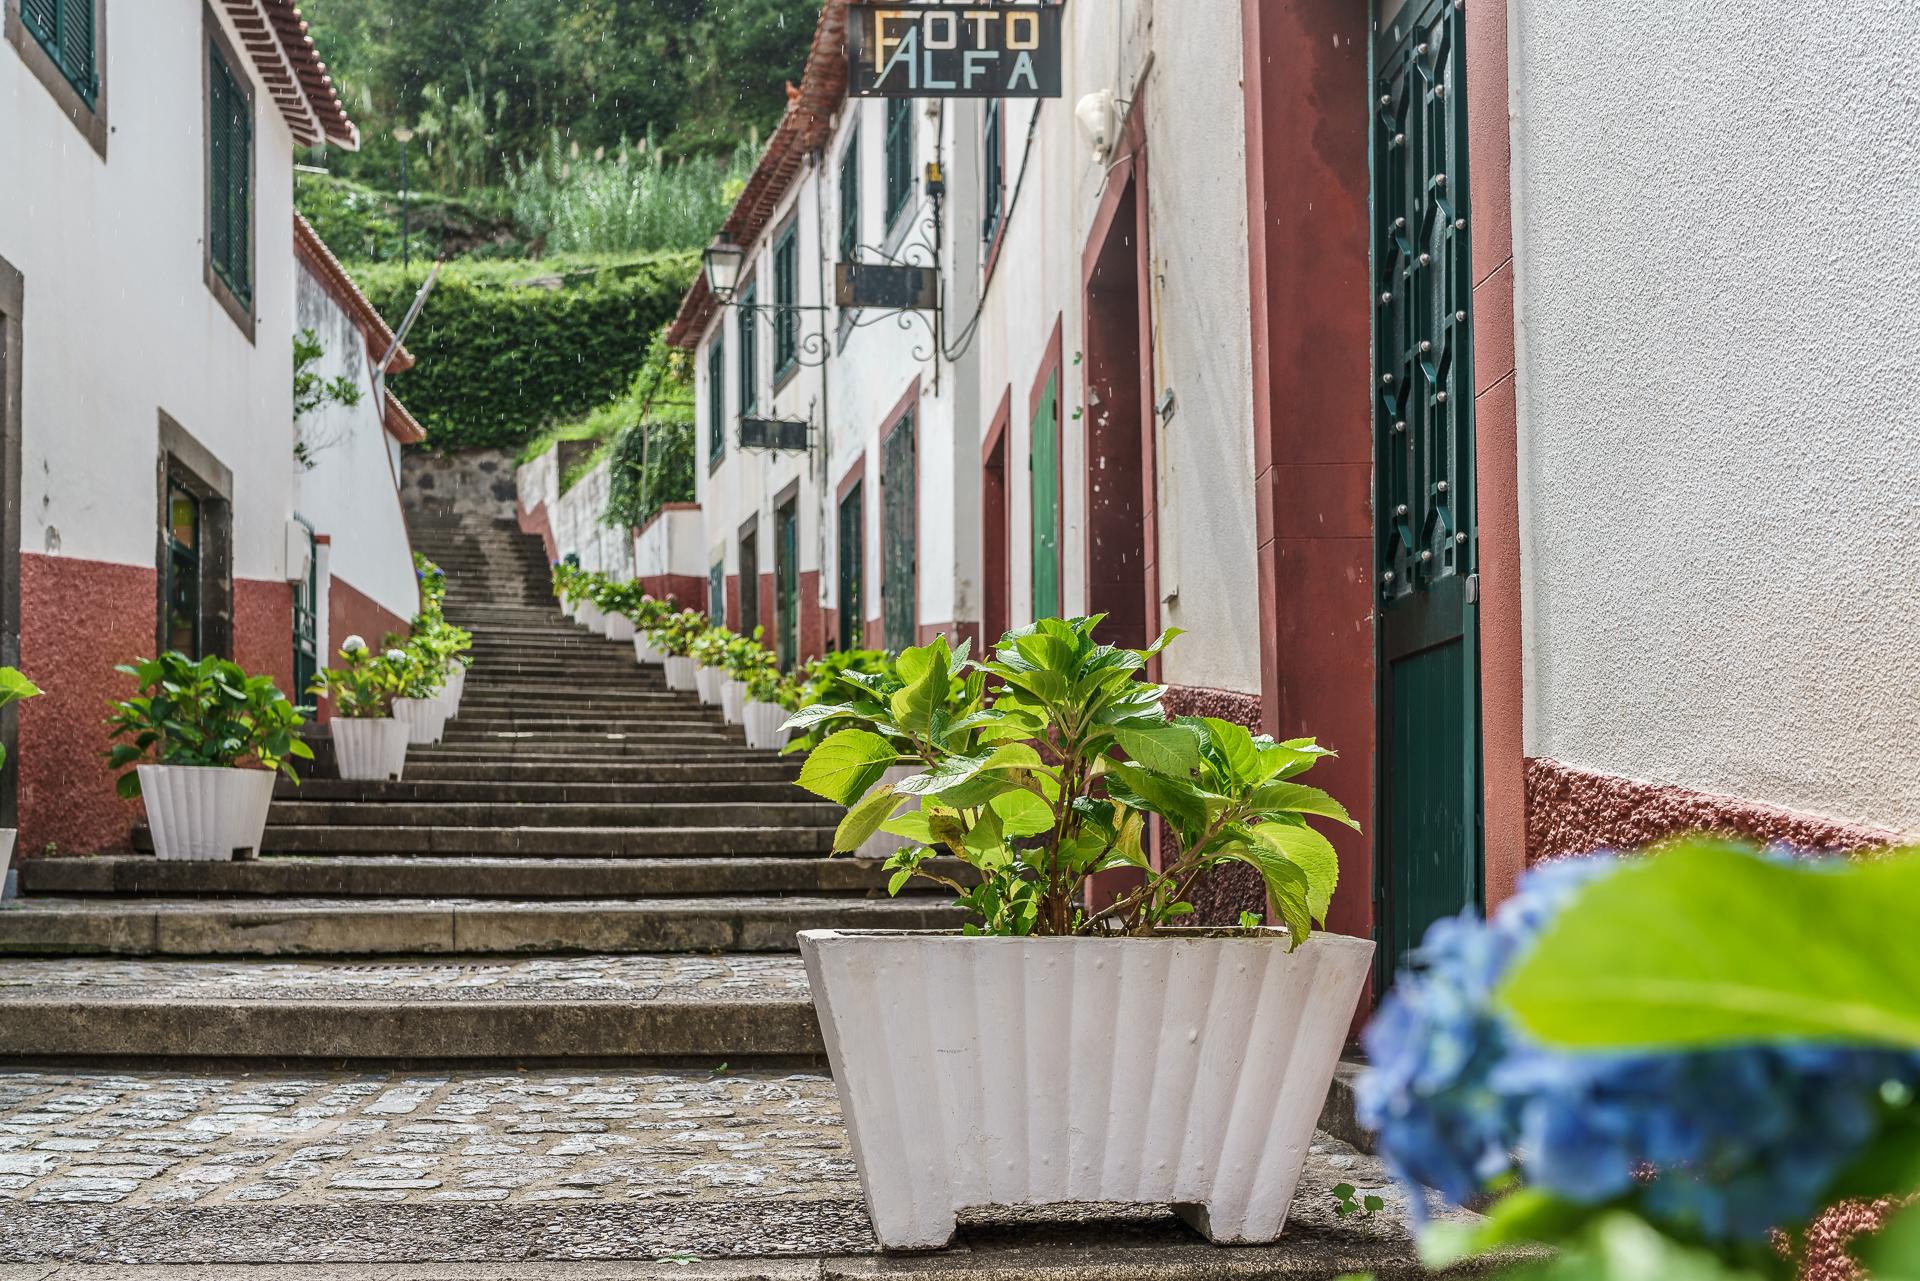 Sao-Vicente